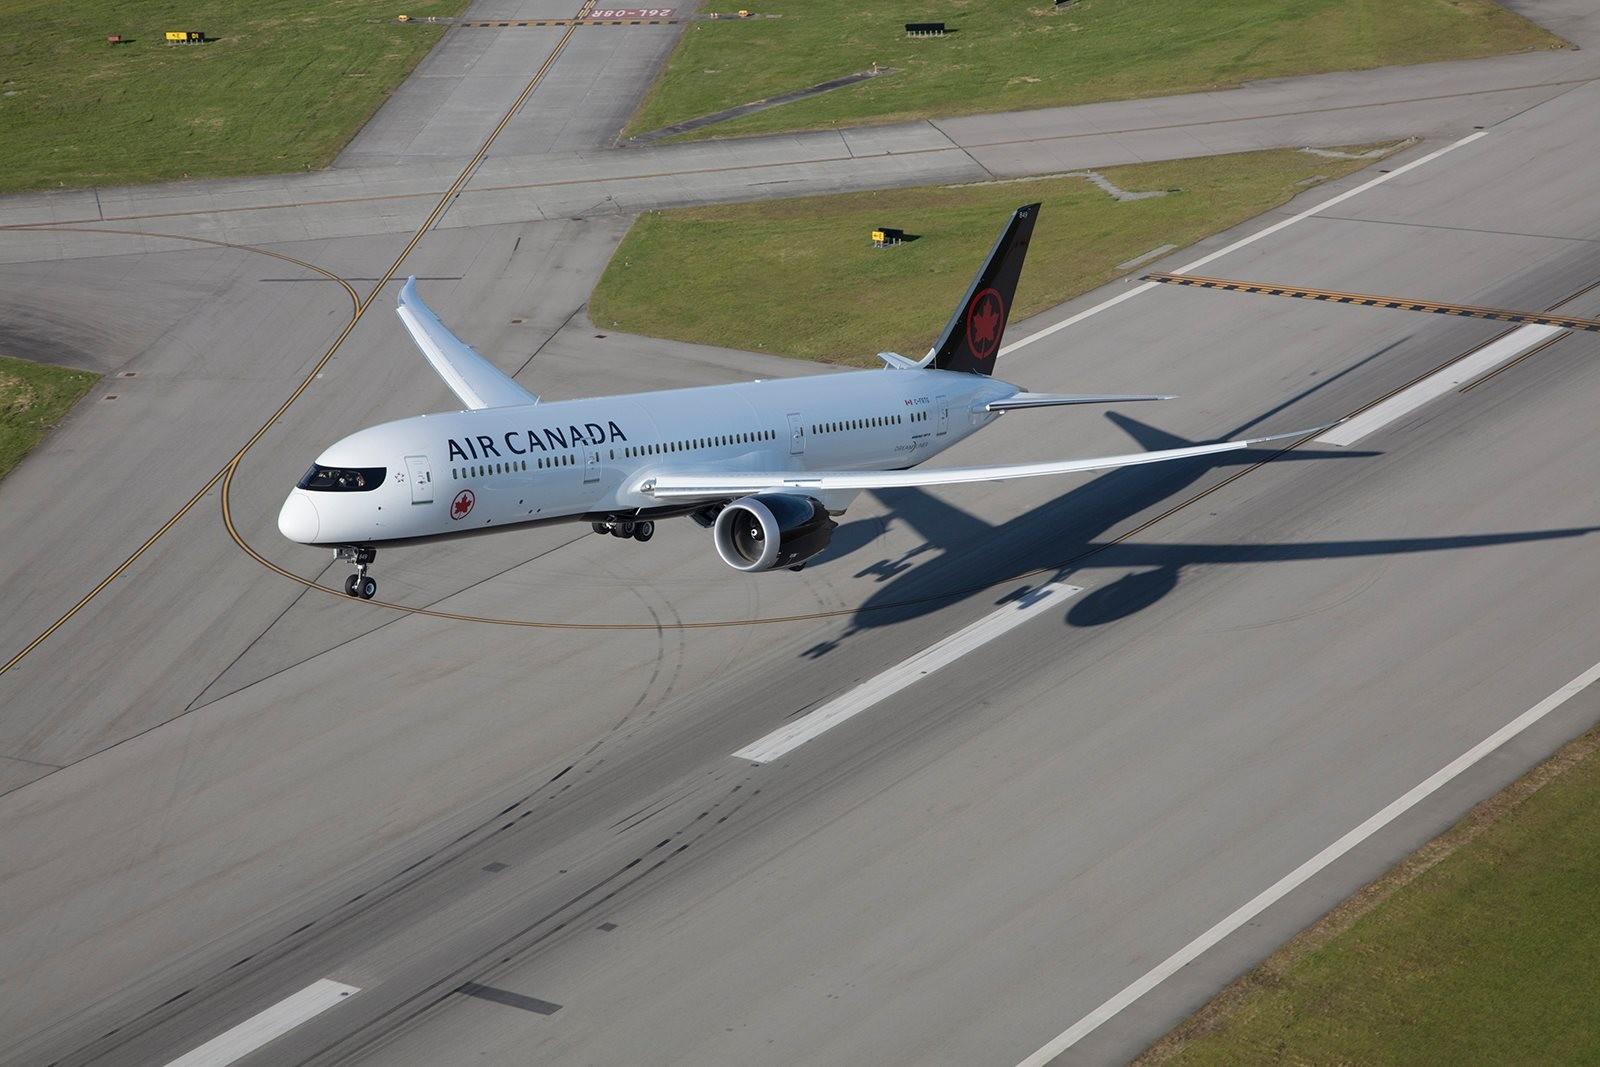 加拿大航空客機。(圖/翻攝加拿大航空臉書粉專)